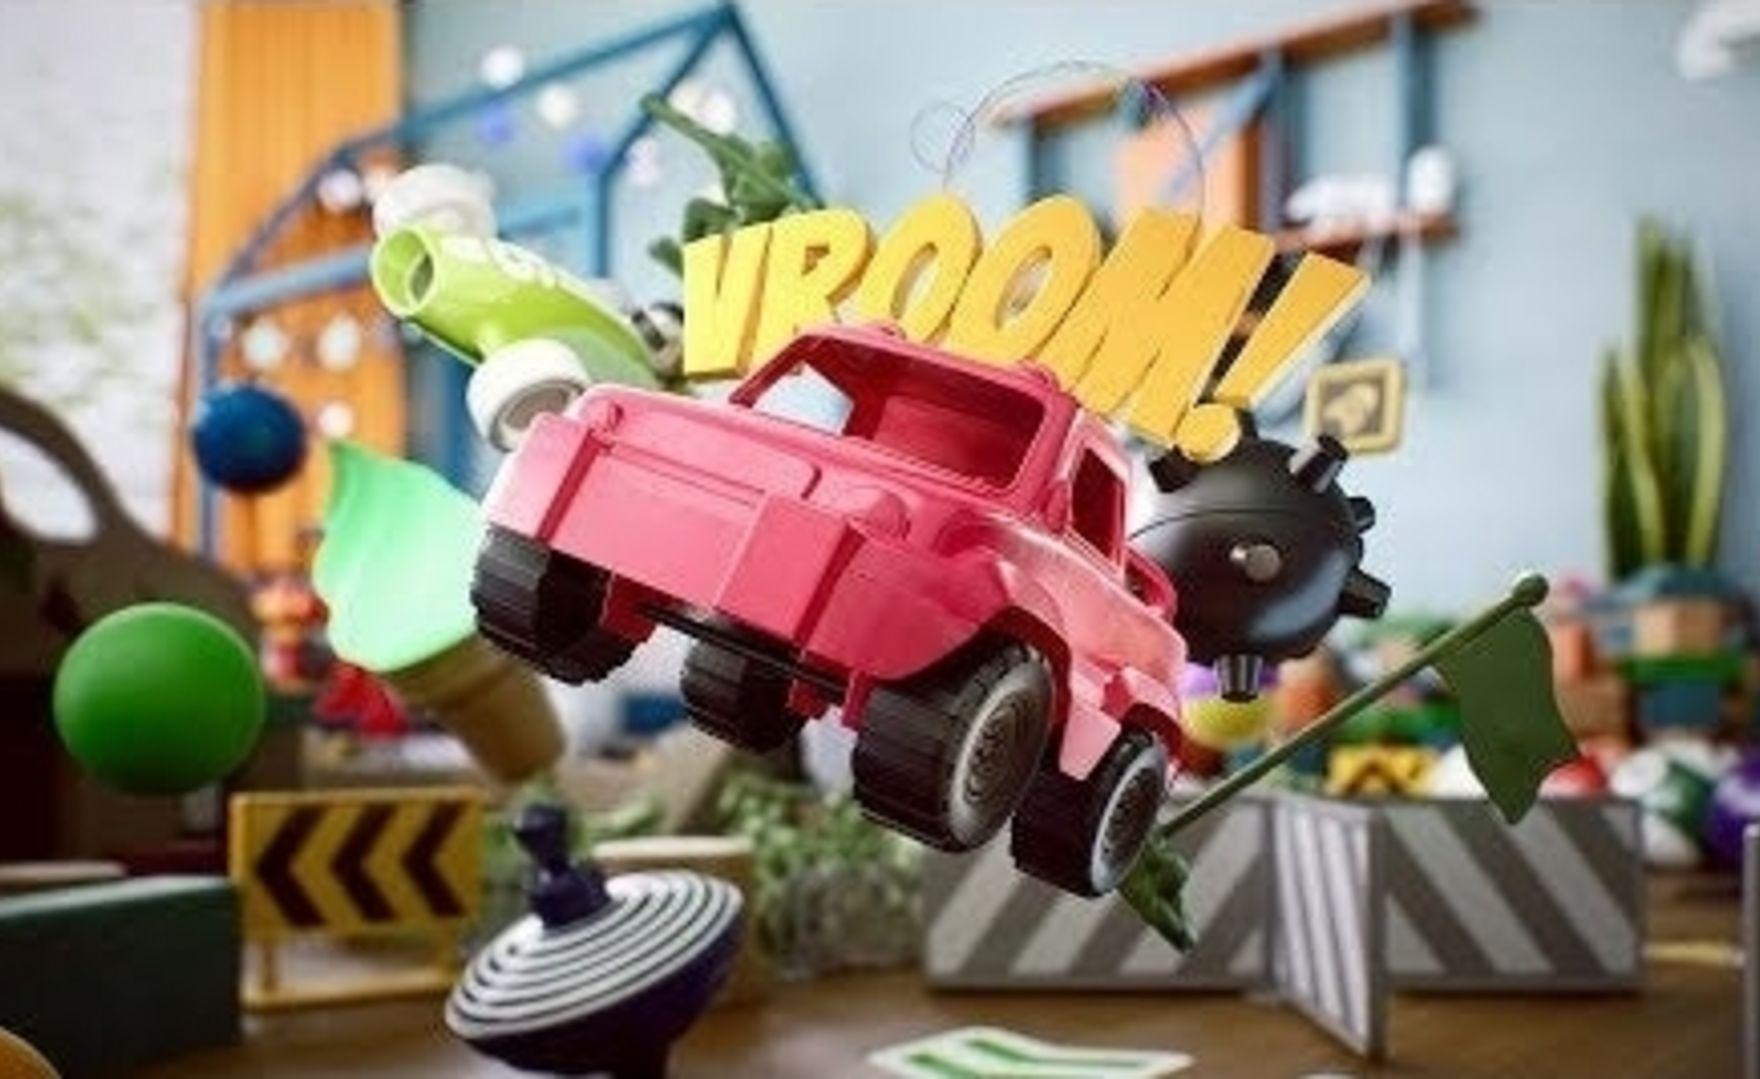 Vroom! Annunciato il Fall Guys con le macchinine giocattolo